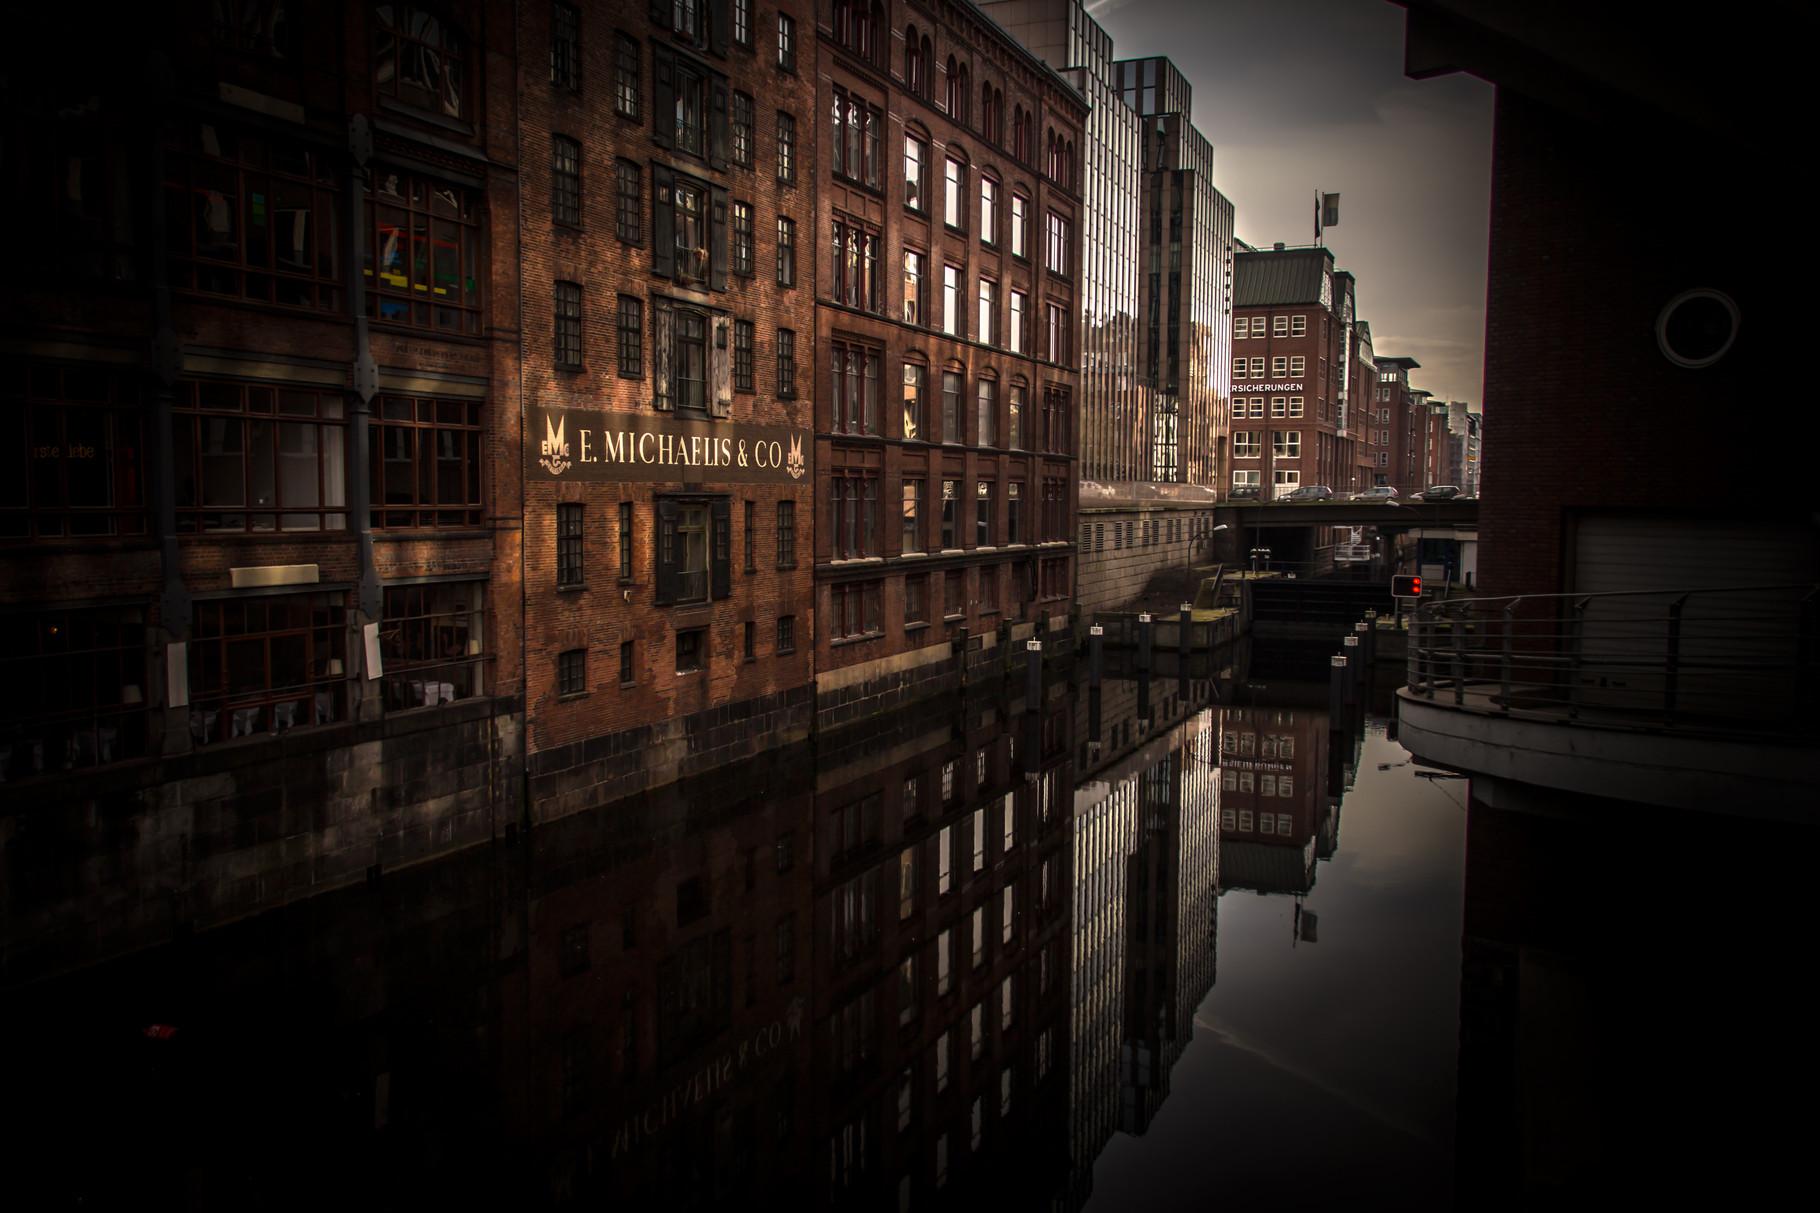 01_Hamburg - Altstadt.